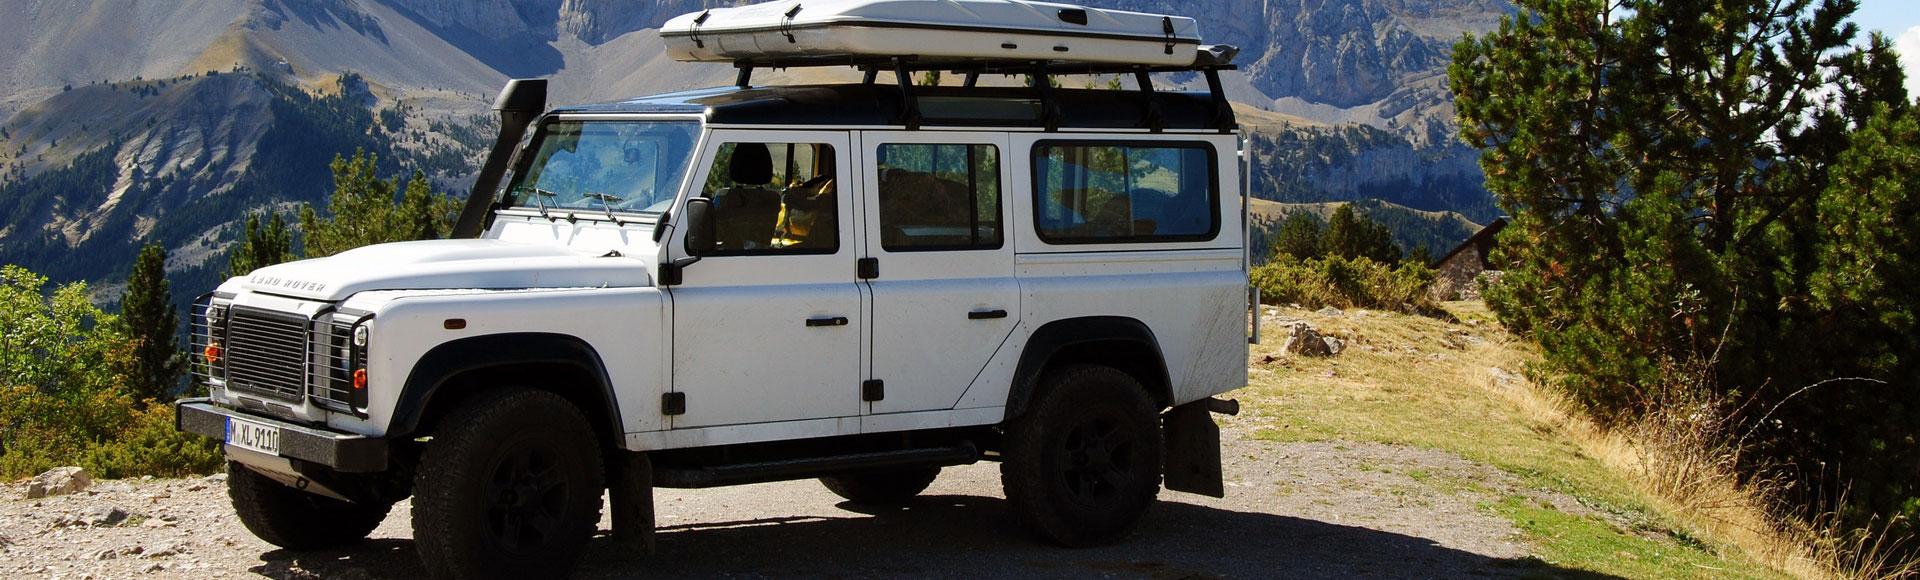 Land Rover Defender 2012 Sommer 3822